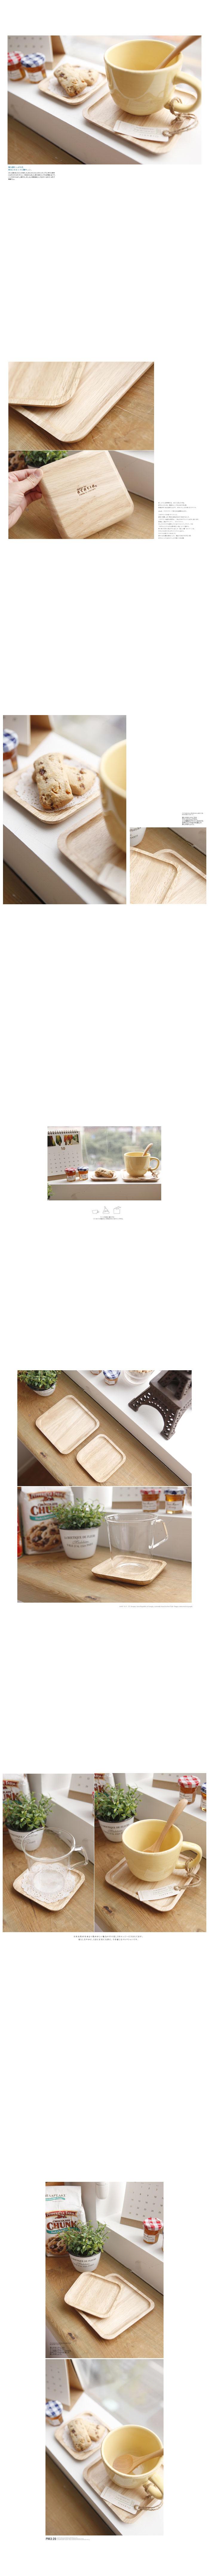 우드 사각 컵받침(2사이즈)2,800원-안나하우스주방/푸드, 주방 소품, 주방소품, 쟁반/트레이바보사랑우드 사각 컵받침(2사이즈)2,800원-안나하우스주방/푸드, 주방 소품, 주방소품, 쟁반/트레이바보사랑